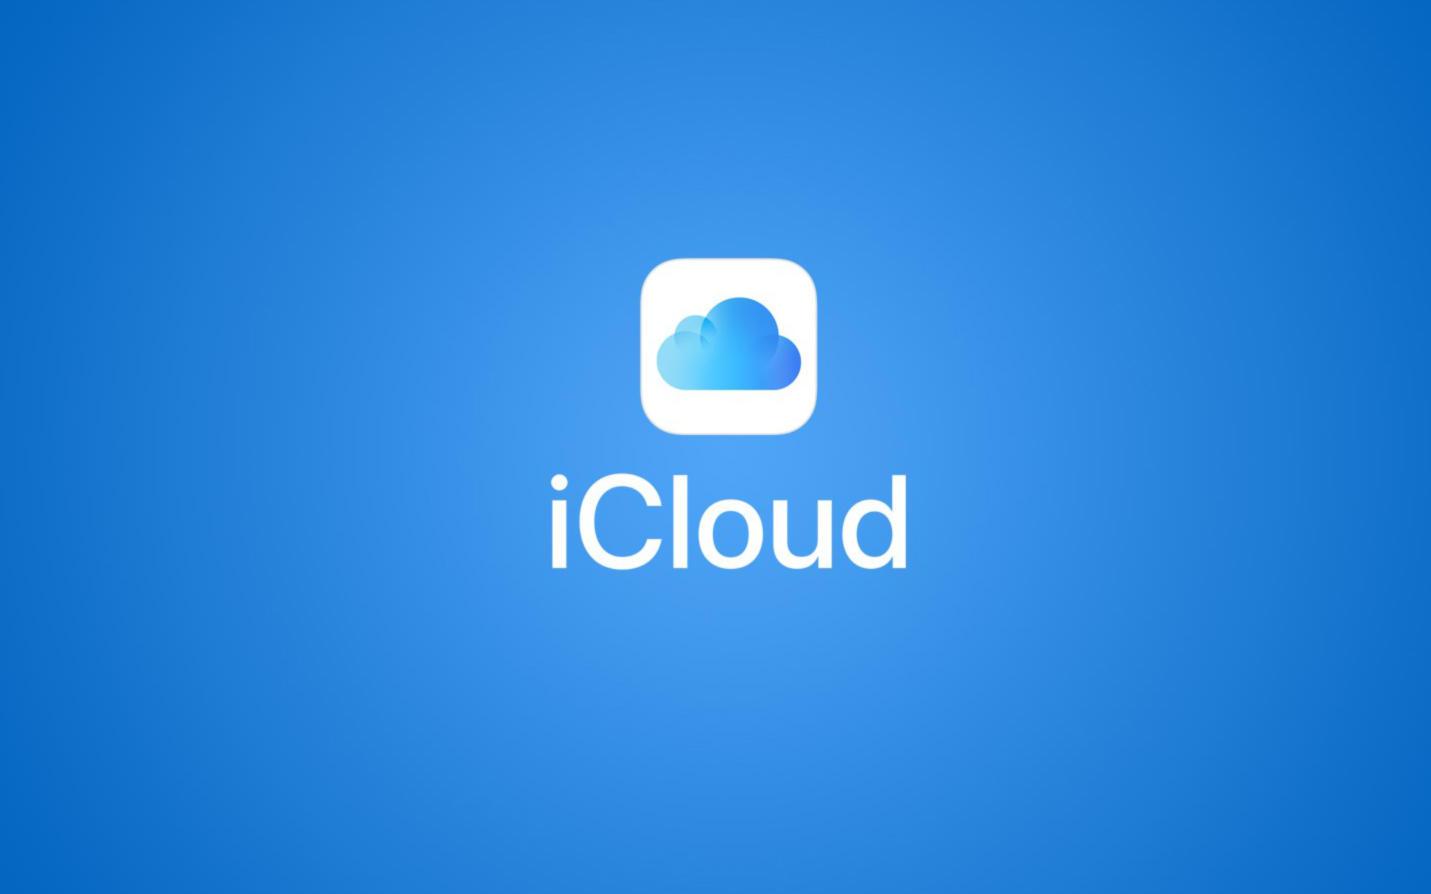 Come attivare iCloud su iPhone 1